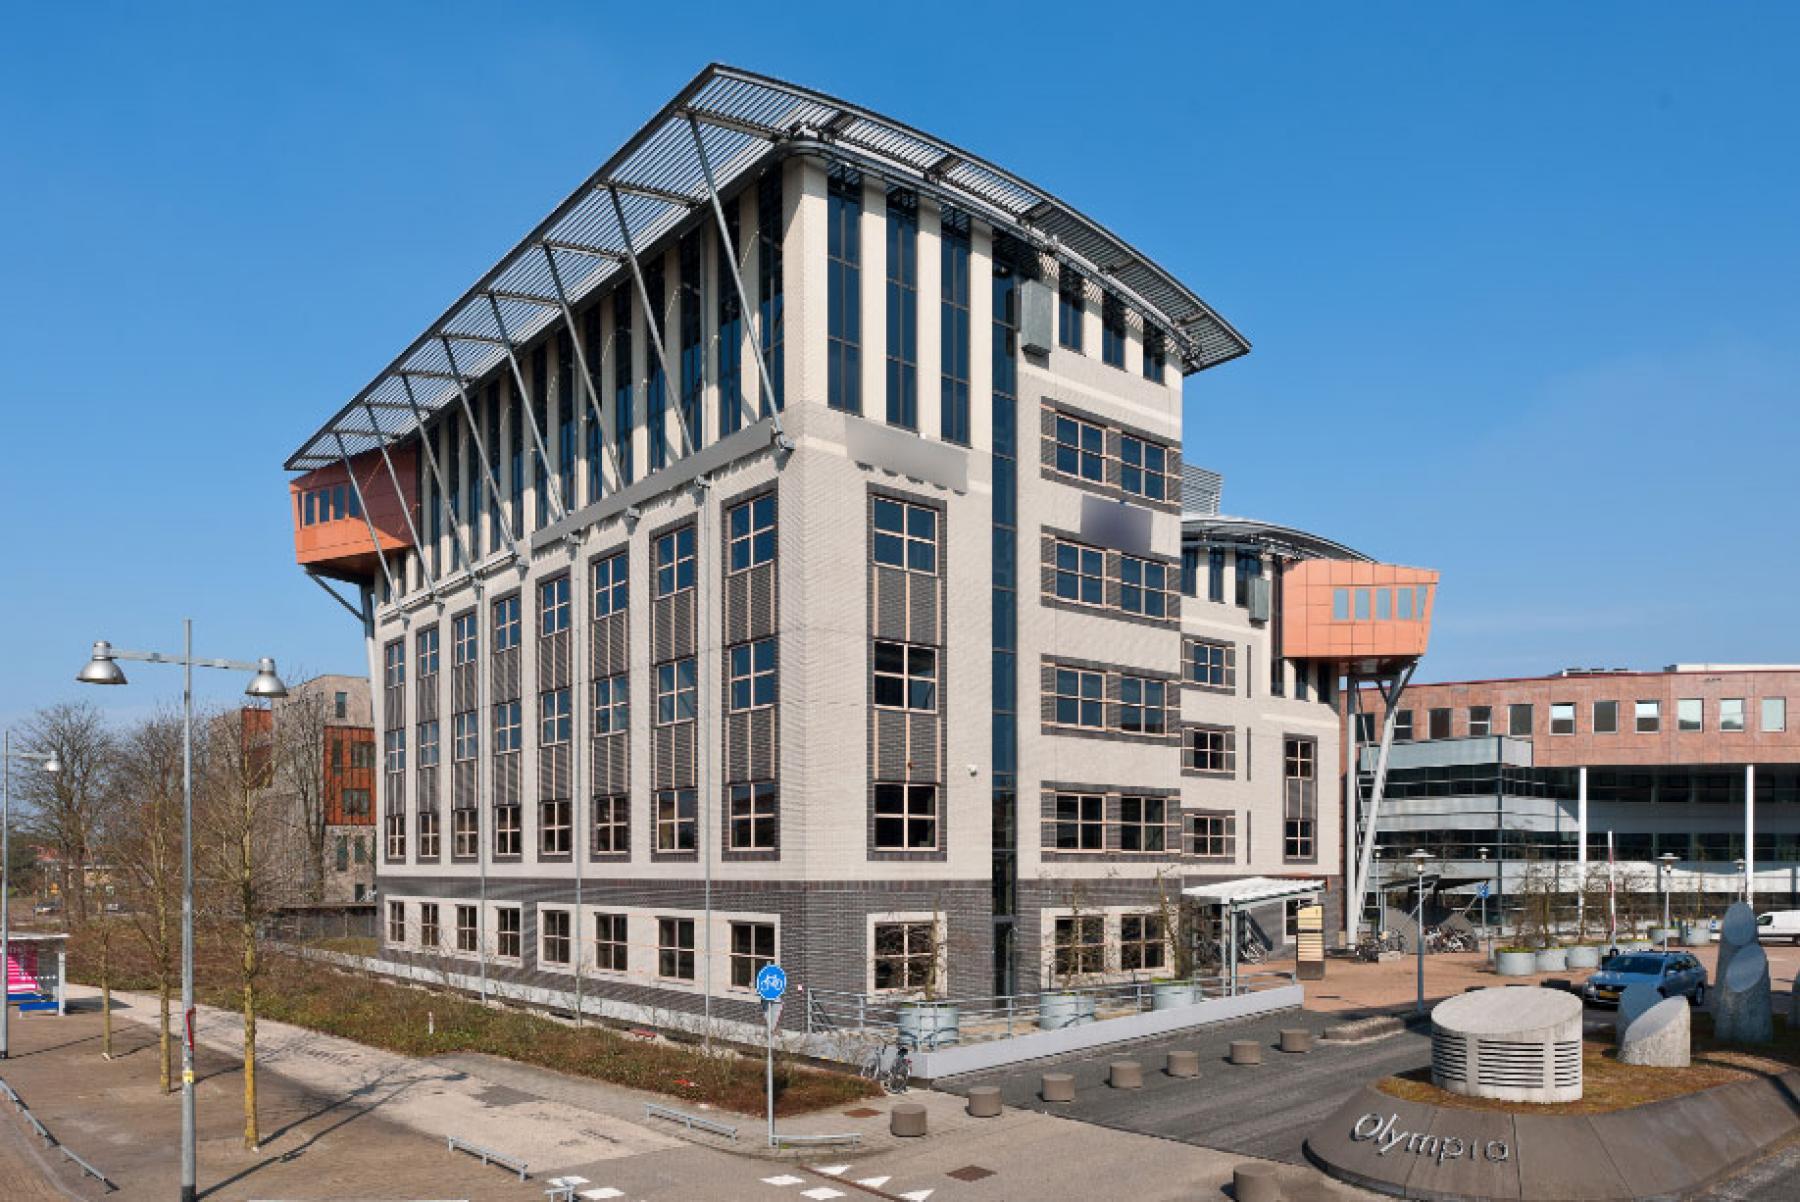 kantoorgebouw hilversum olympia huren skepp